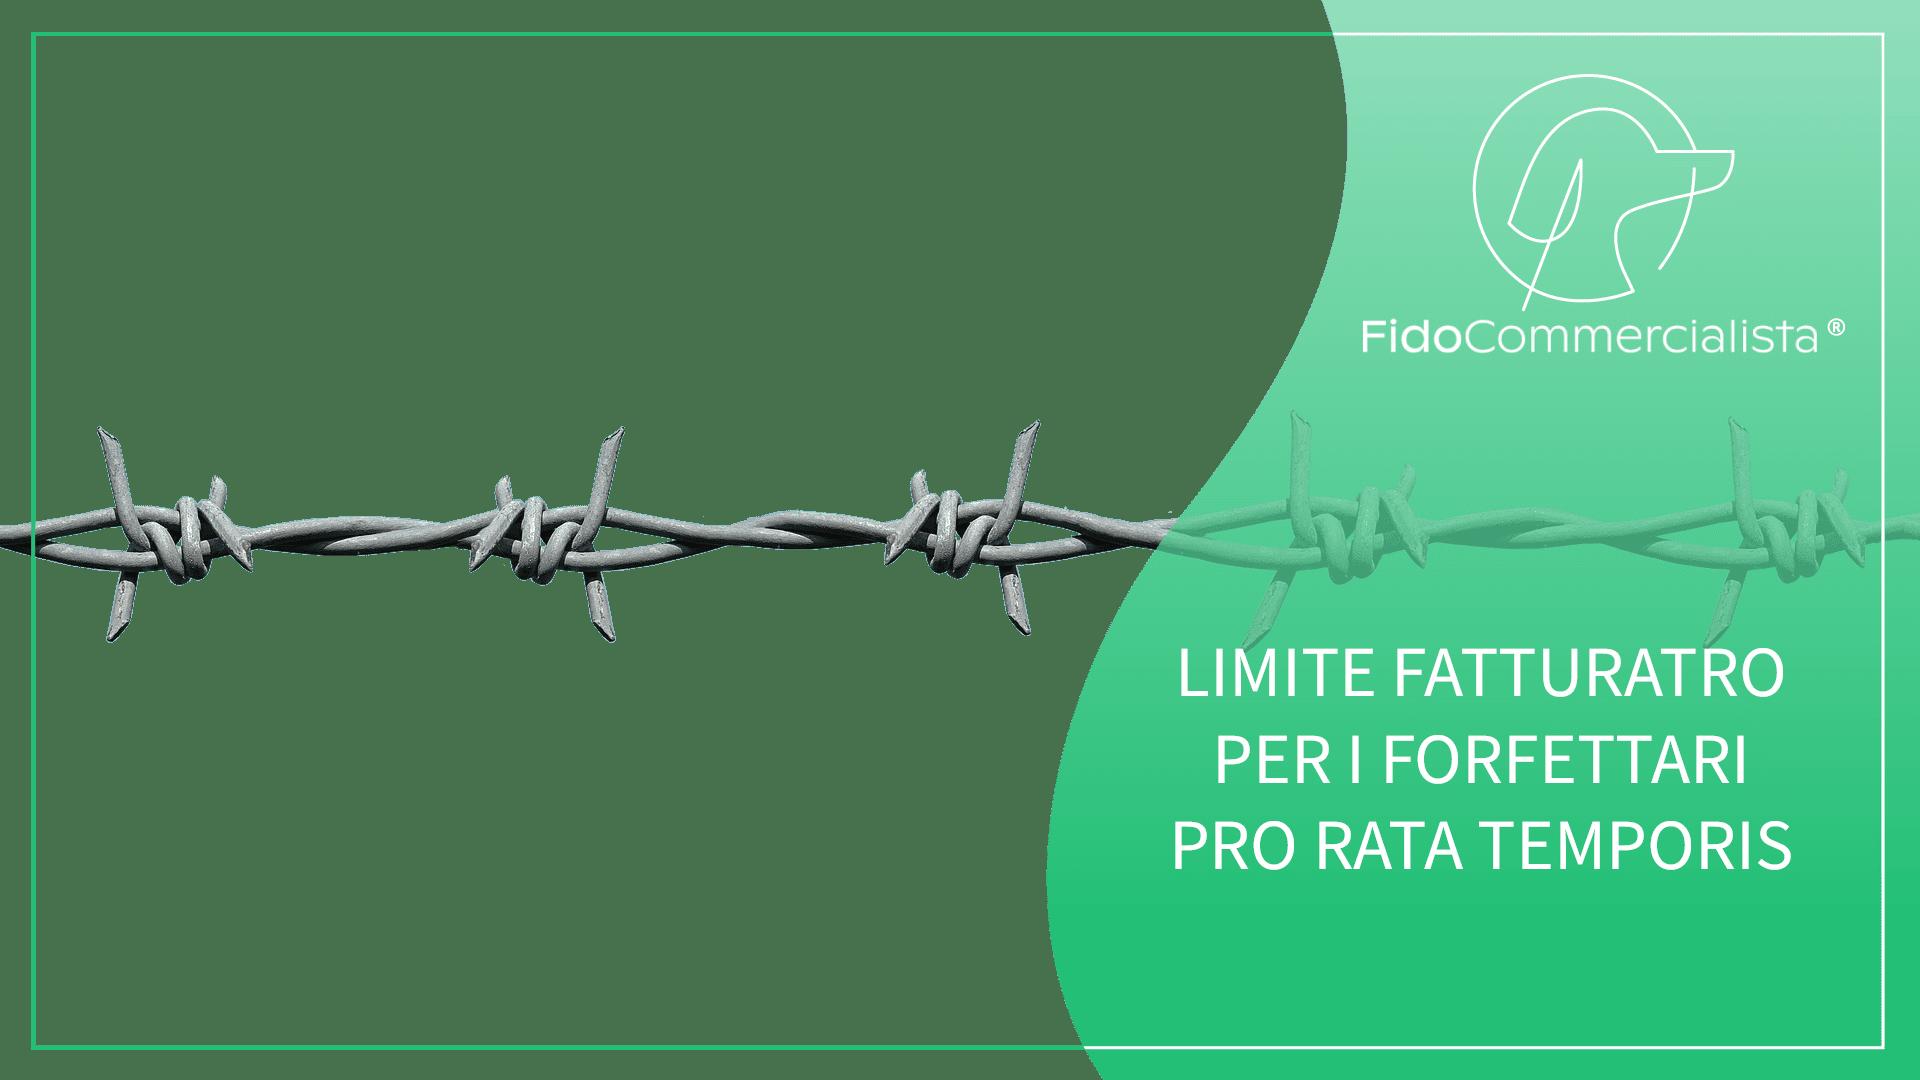 LIMITE FATTURATO FORFETTARI